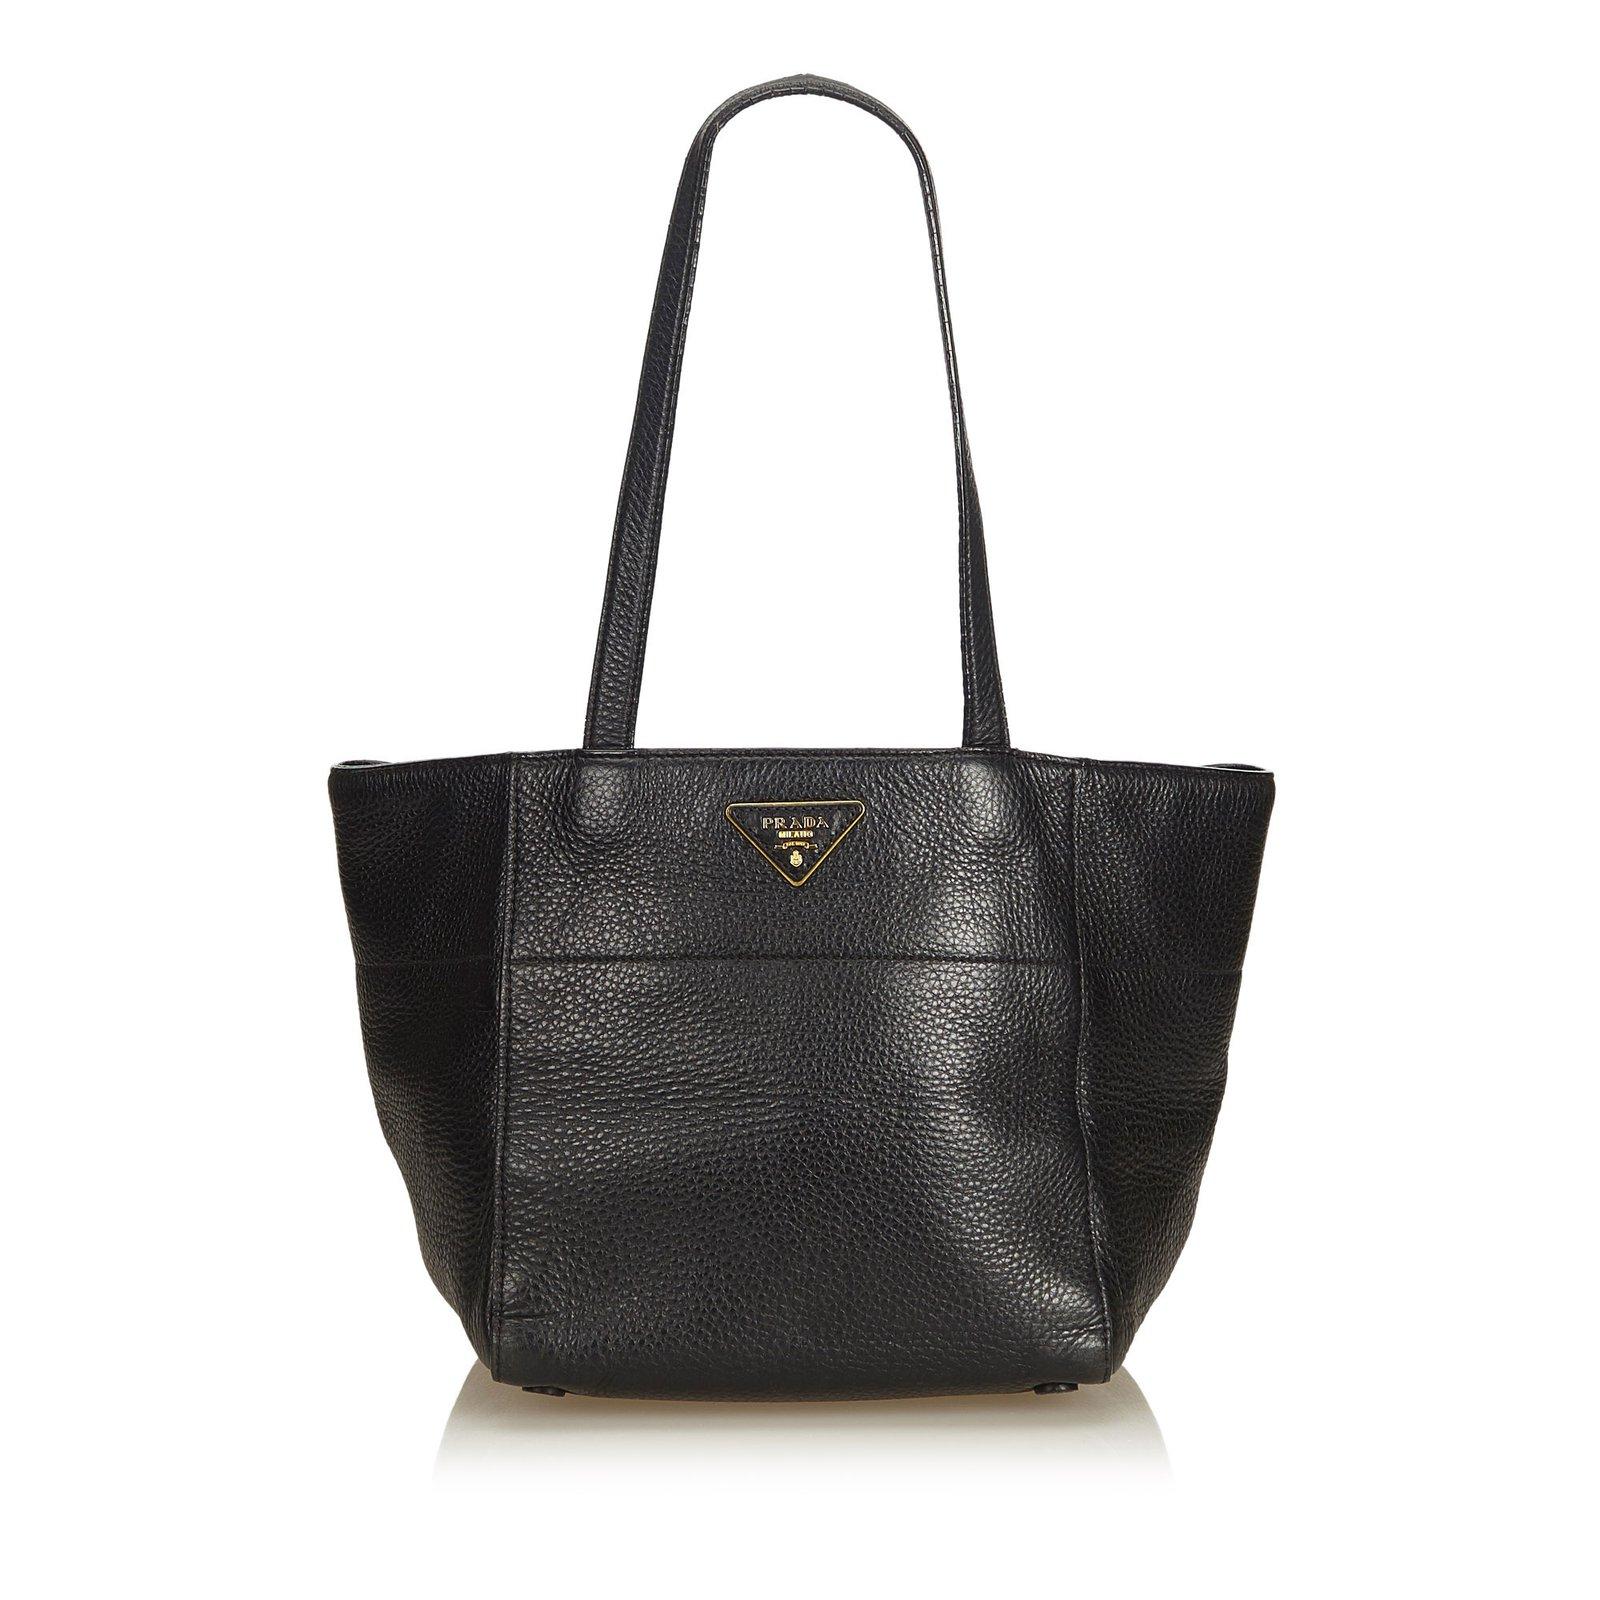 2d67891e4bcc Prada Leather Tote Bag Totes Leather